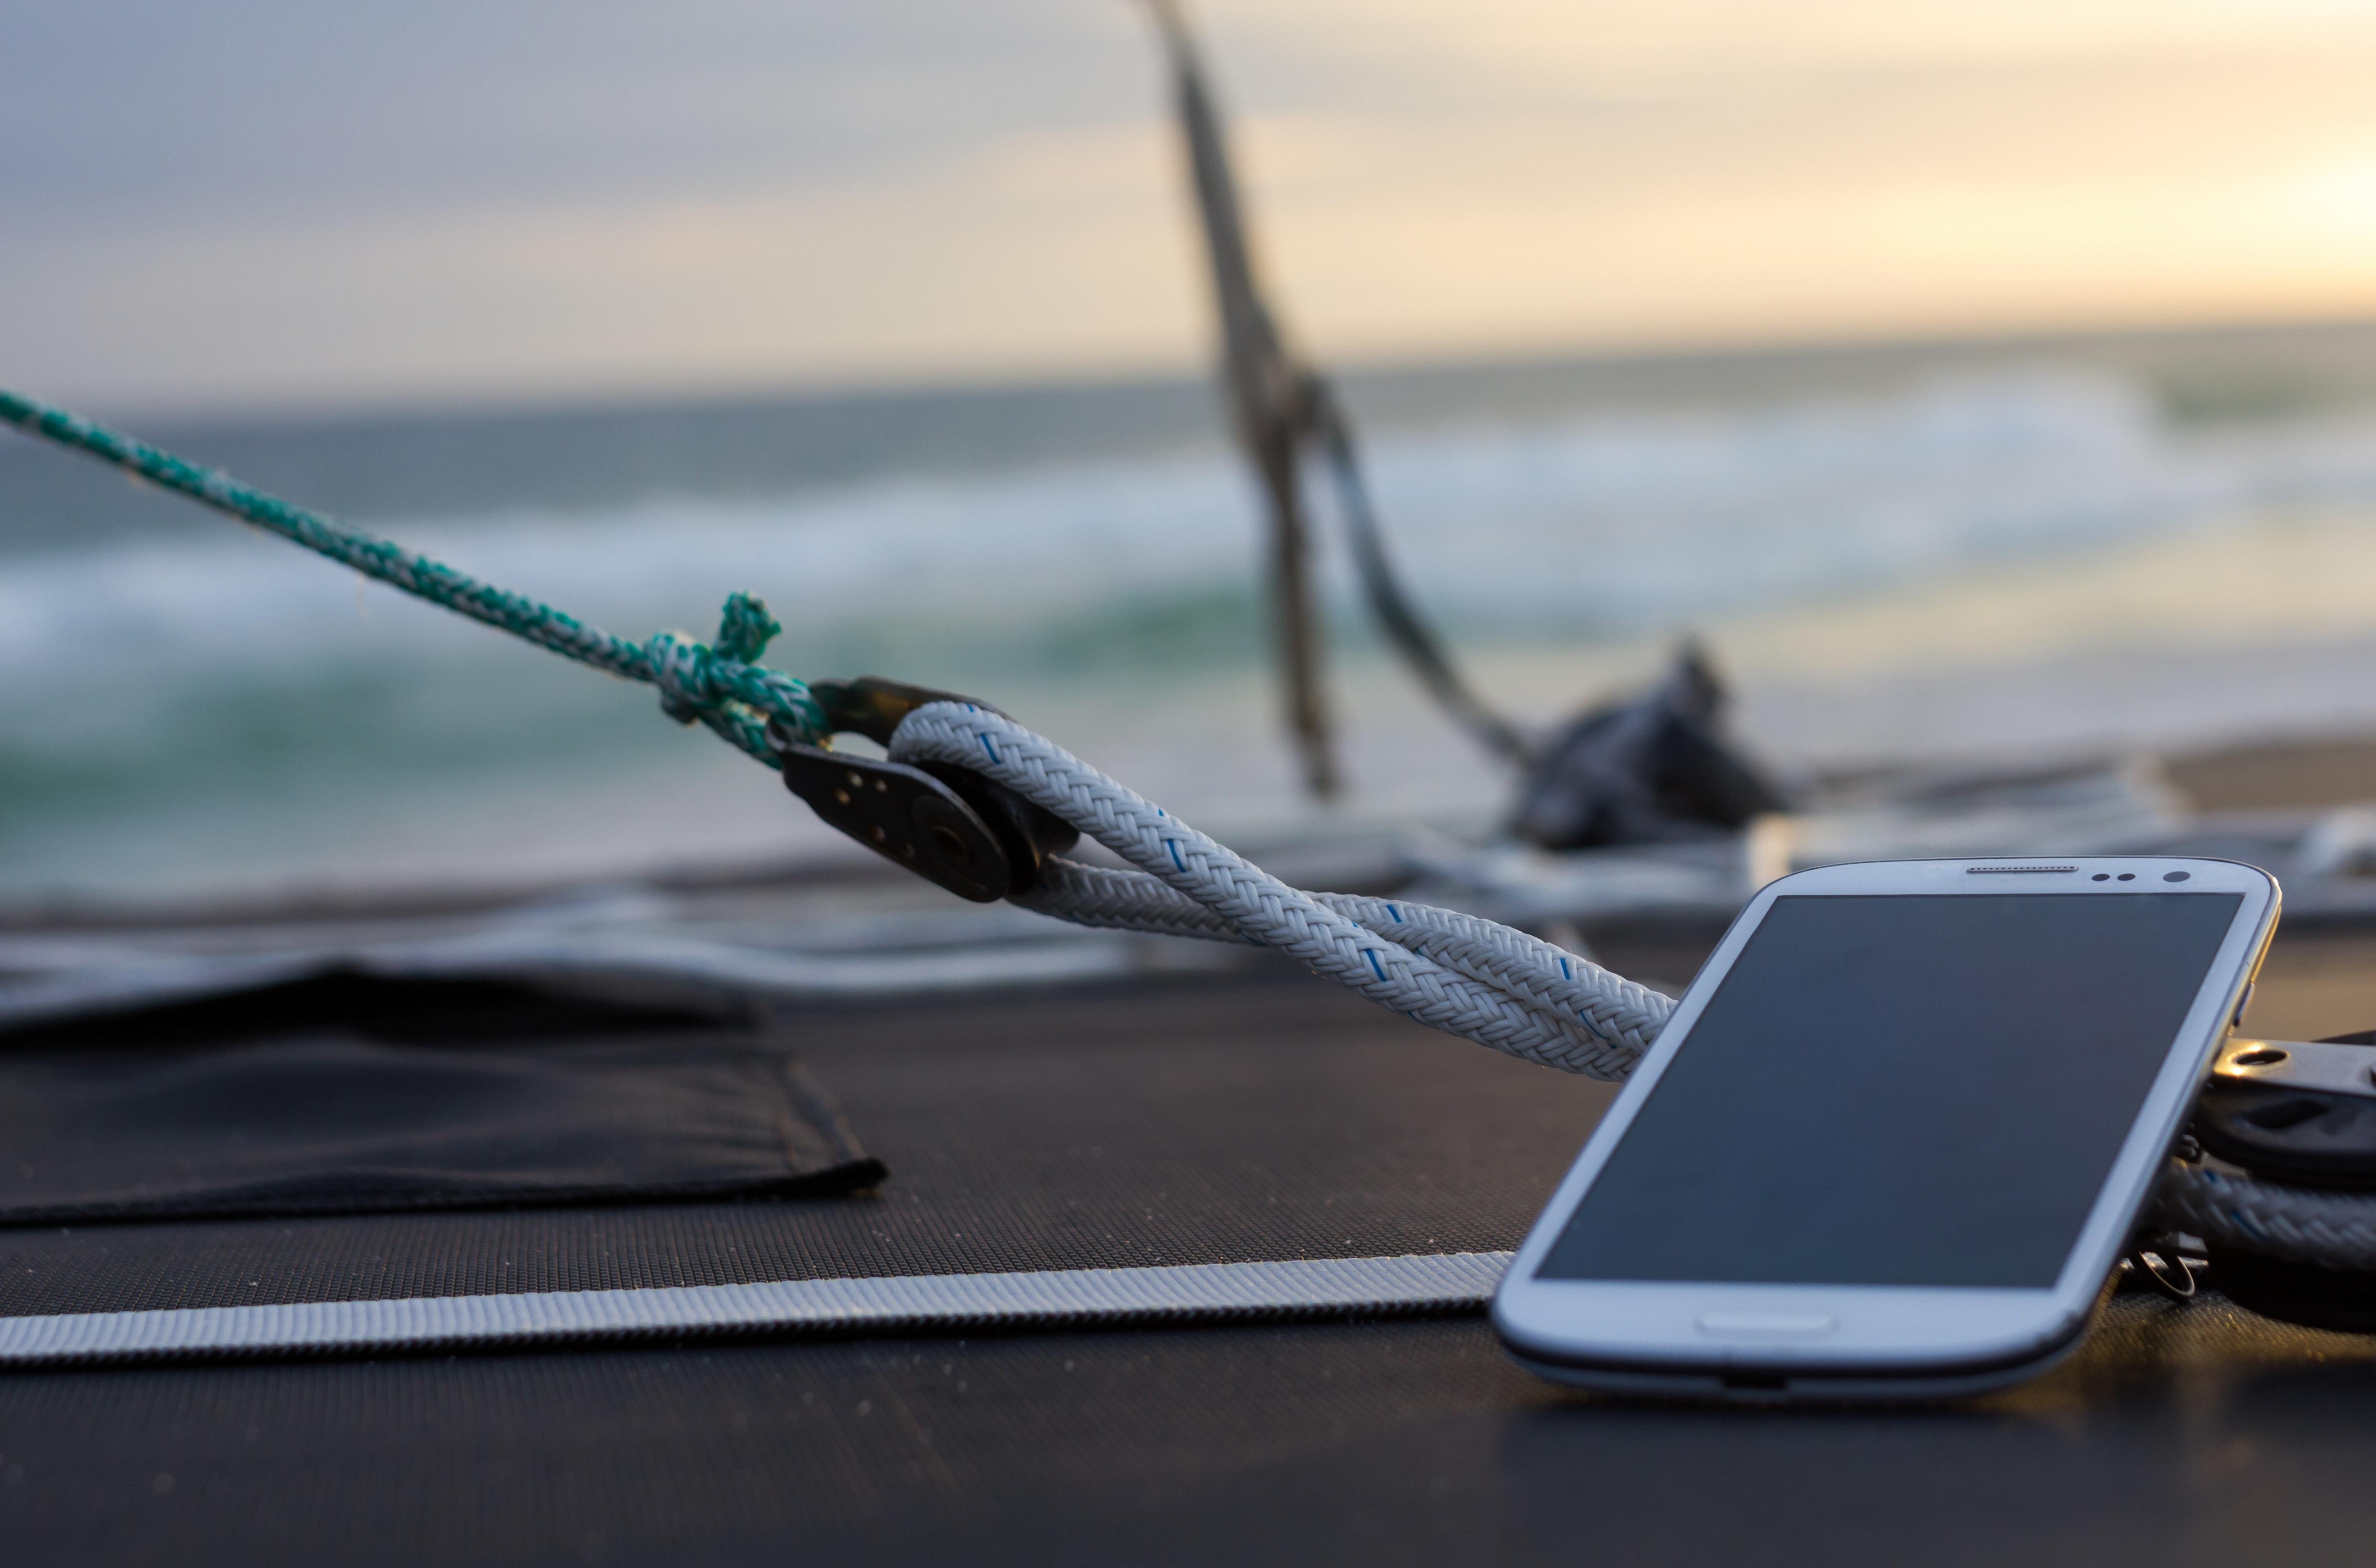 Aplikacje dla żeglarzy w telefonie na pokładzie jachtu